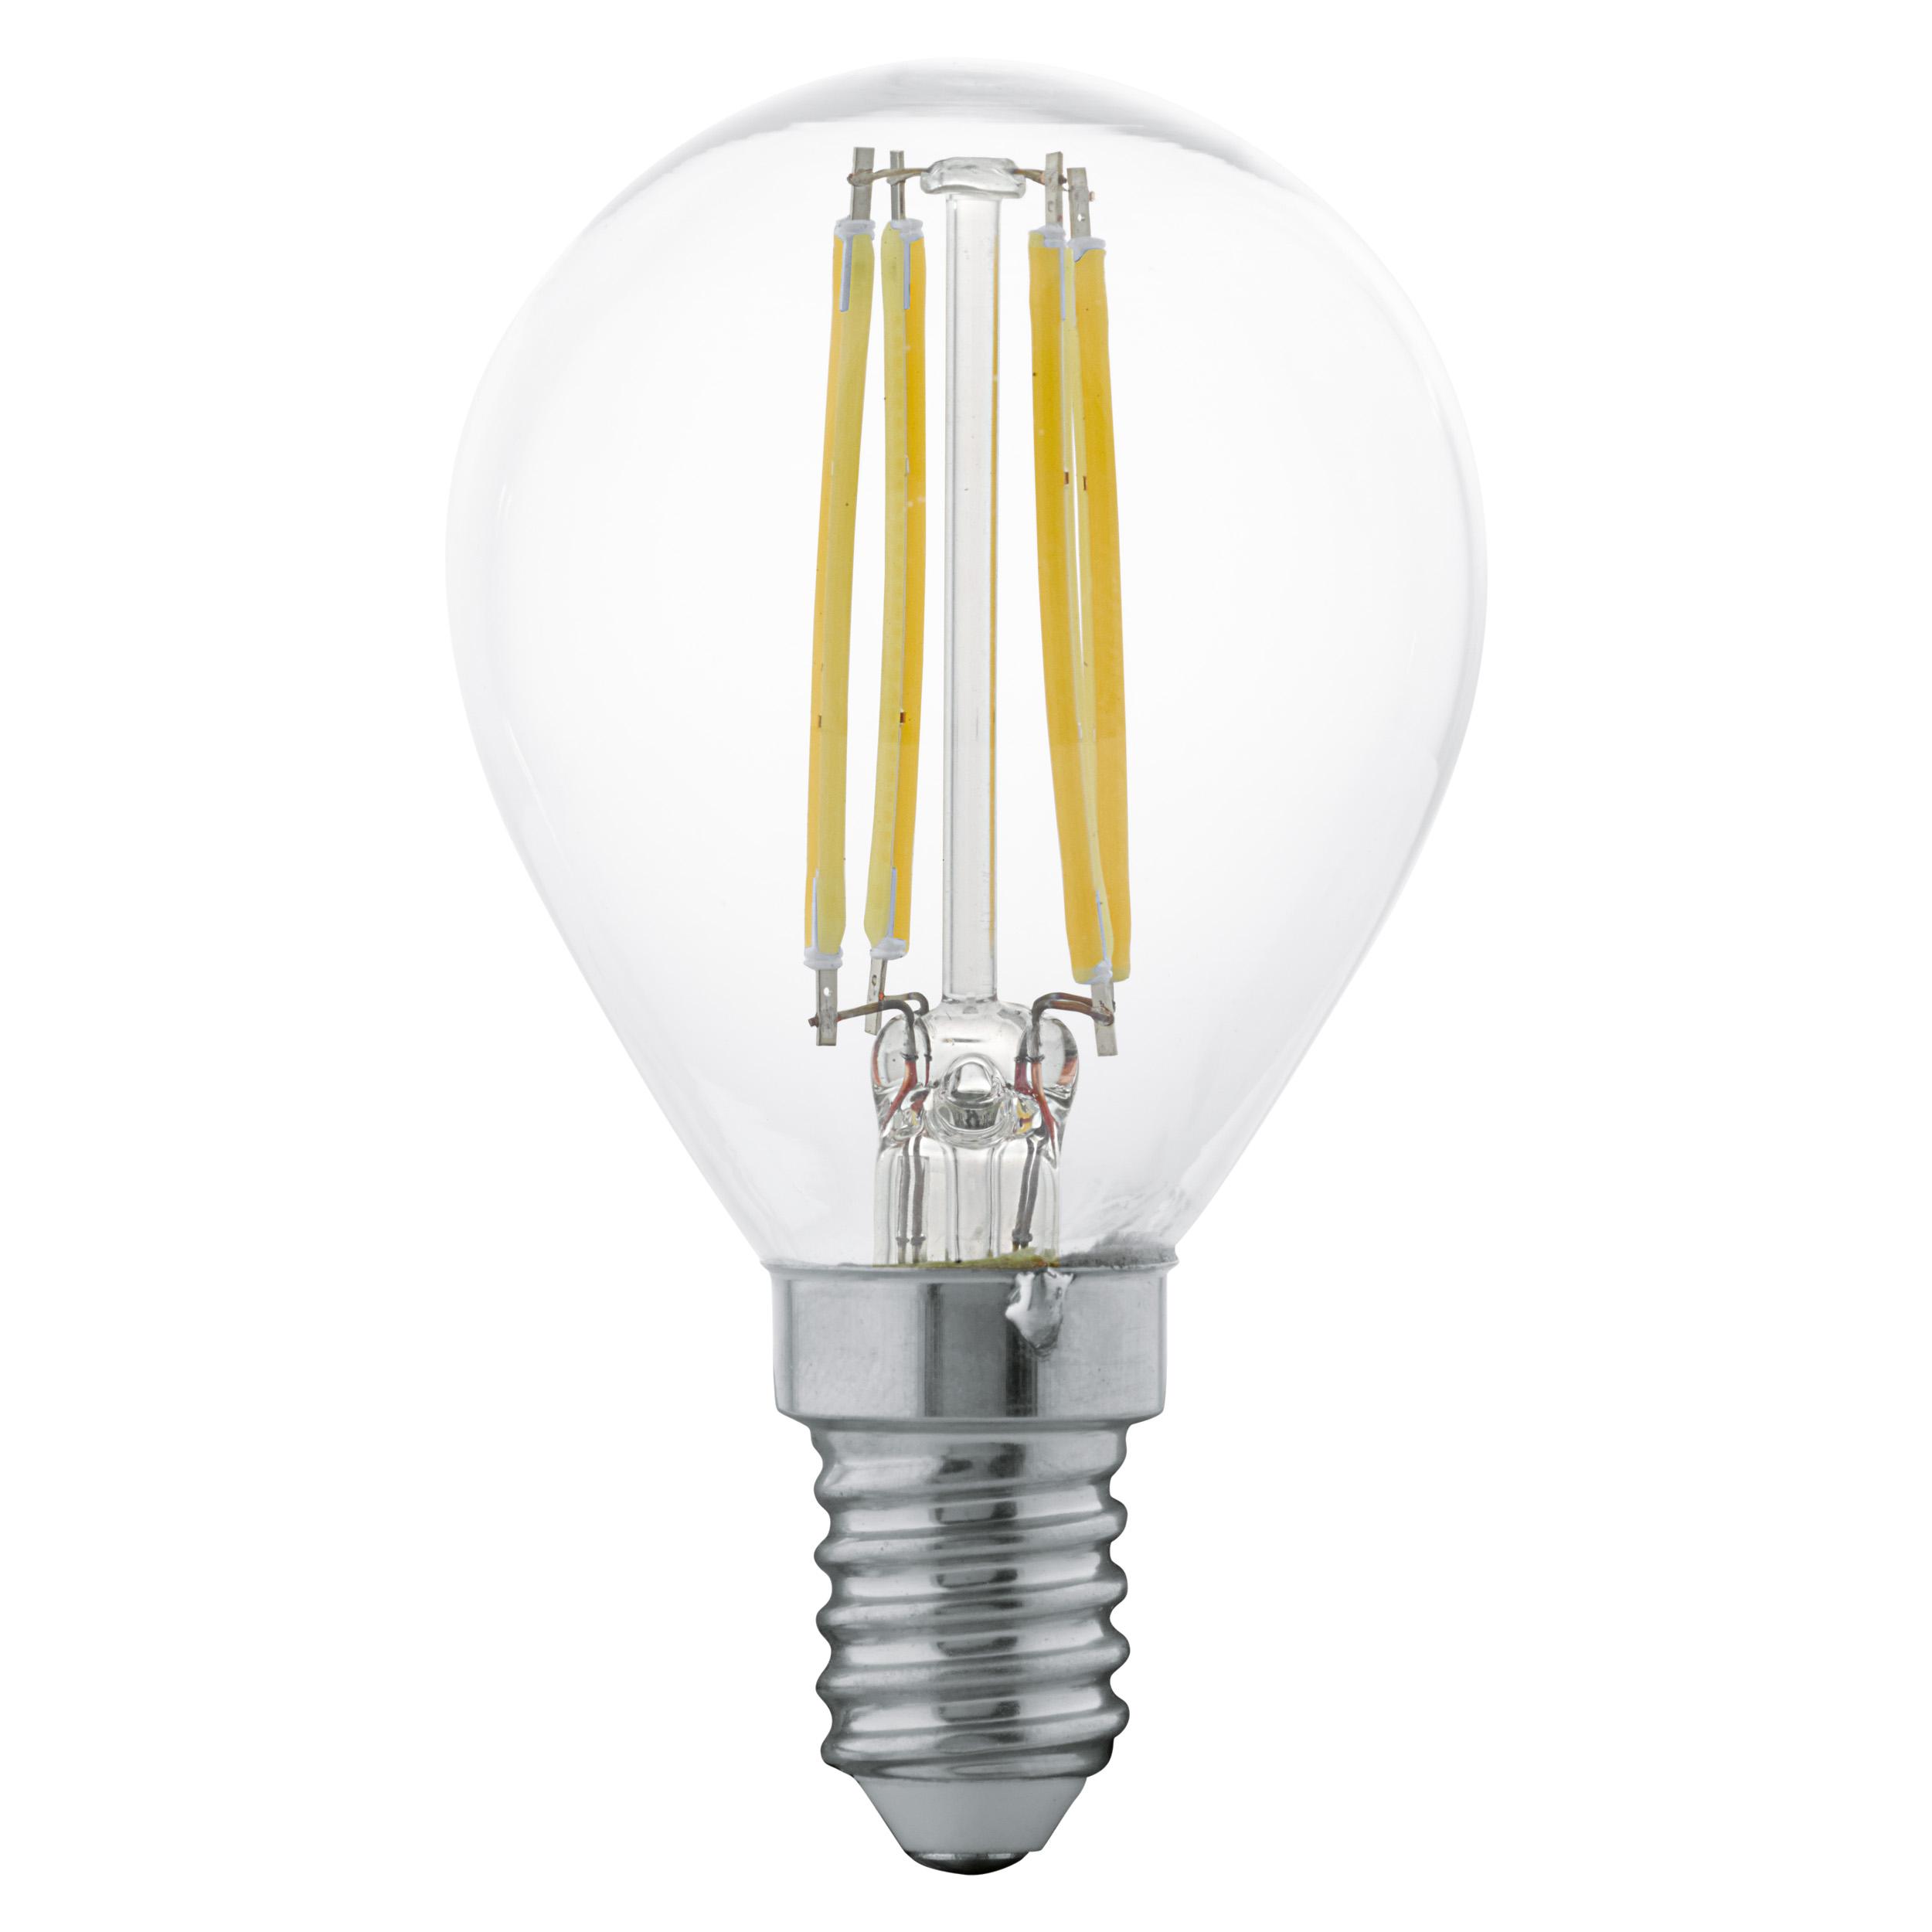 1 Stk E14-LED-P45 4W / Tropfen 2700  LI69217---